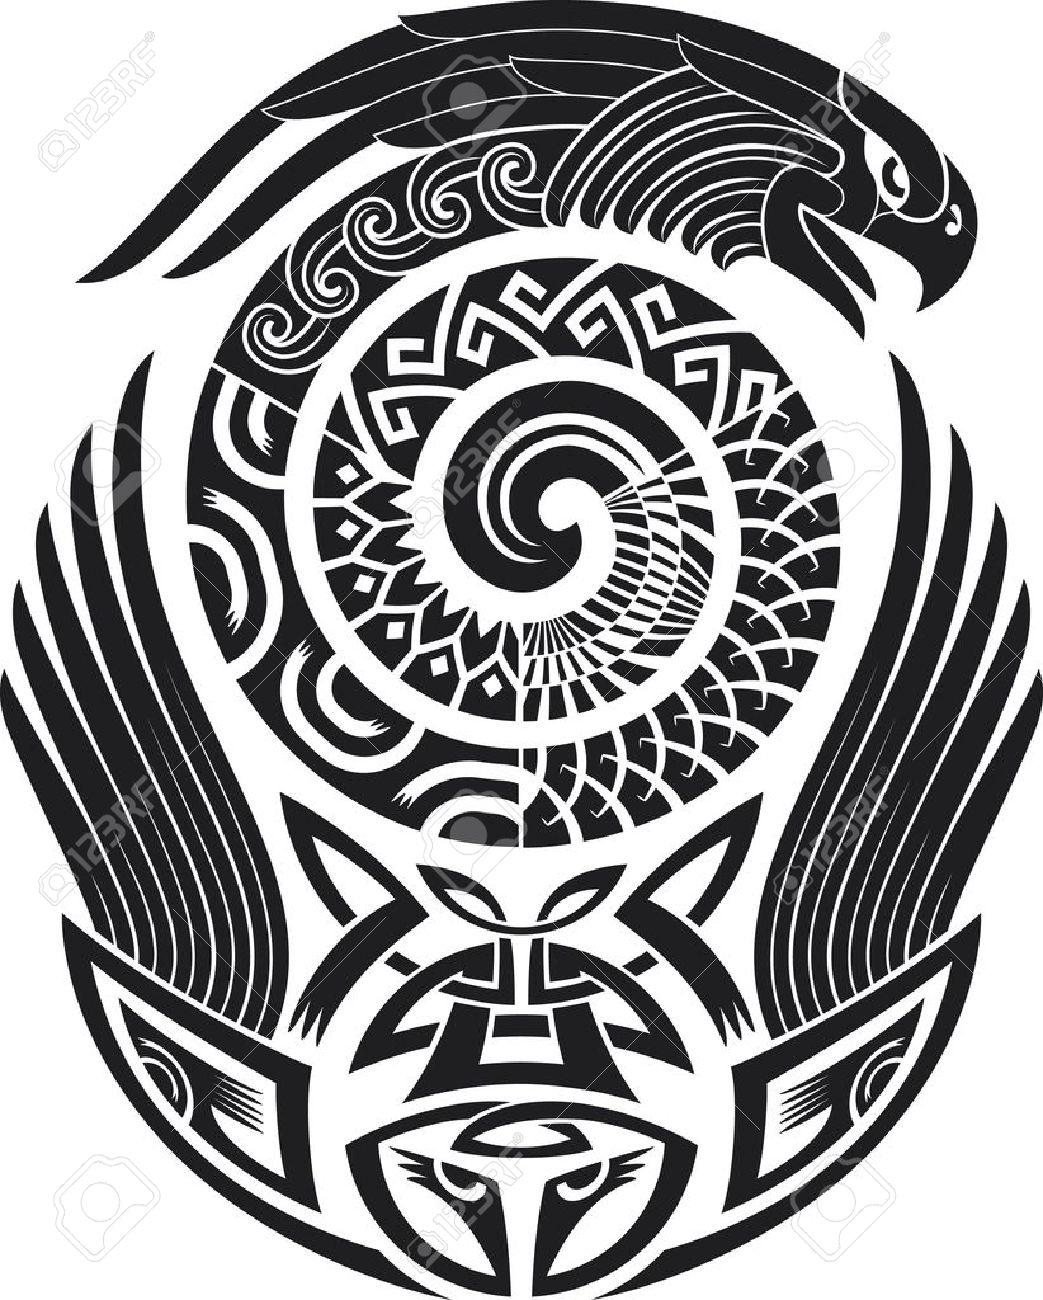 Patrón De Tatuaje Tribal Digno De Un Hombro Ilustración Del Vector